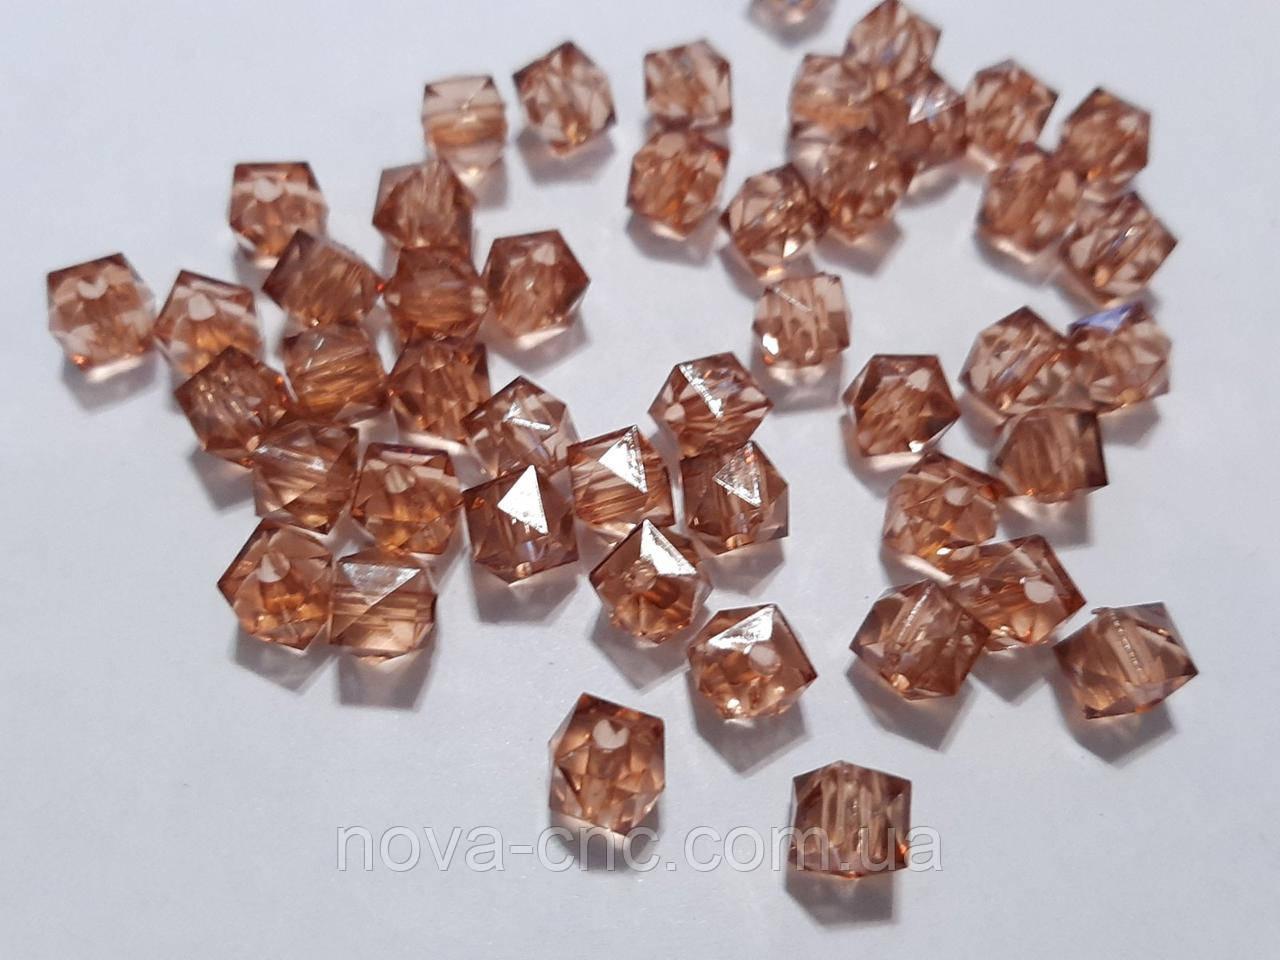 """Бусины акрил """"Куб грани"""" коричневый 12 мм 500 грамм"""